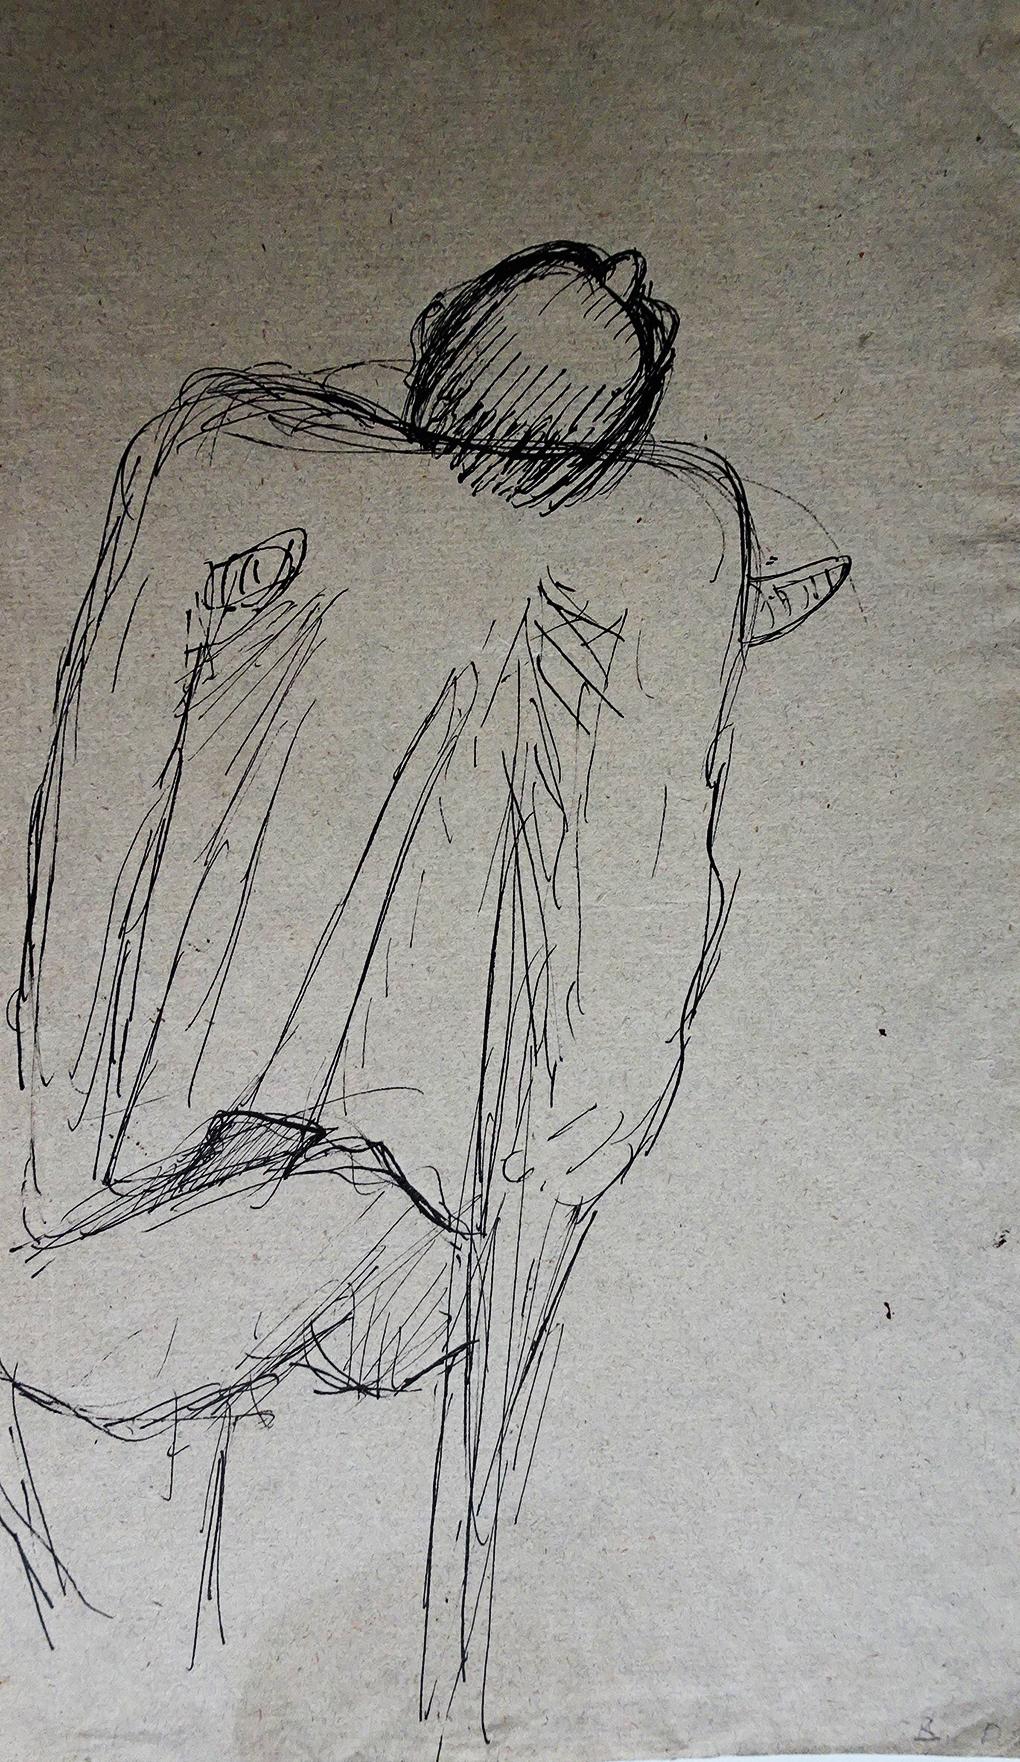 Paul Holz, Kaleka o kulach, 1923, pióro, tusz, szary papier czerpany, Muzeum Narodowe w Szczecinie, fot. Grzegorz Solecki&Arkadiusz Piętak